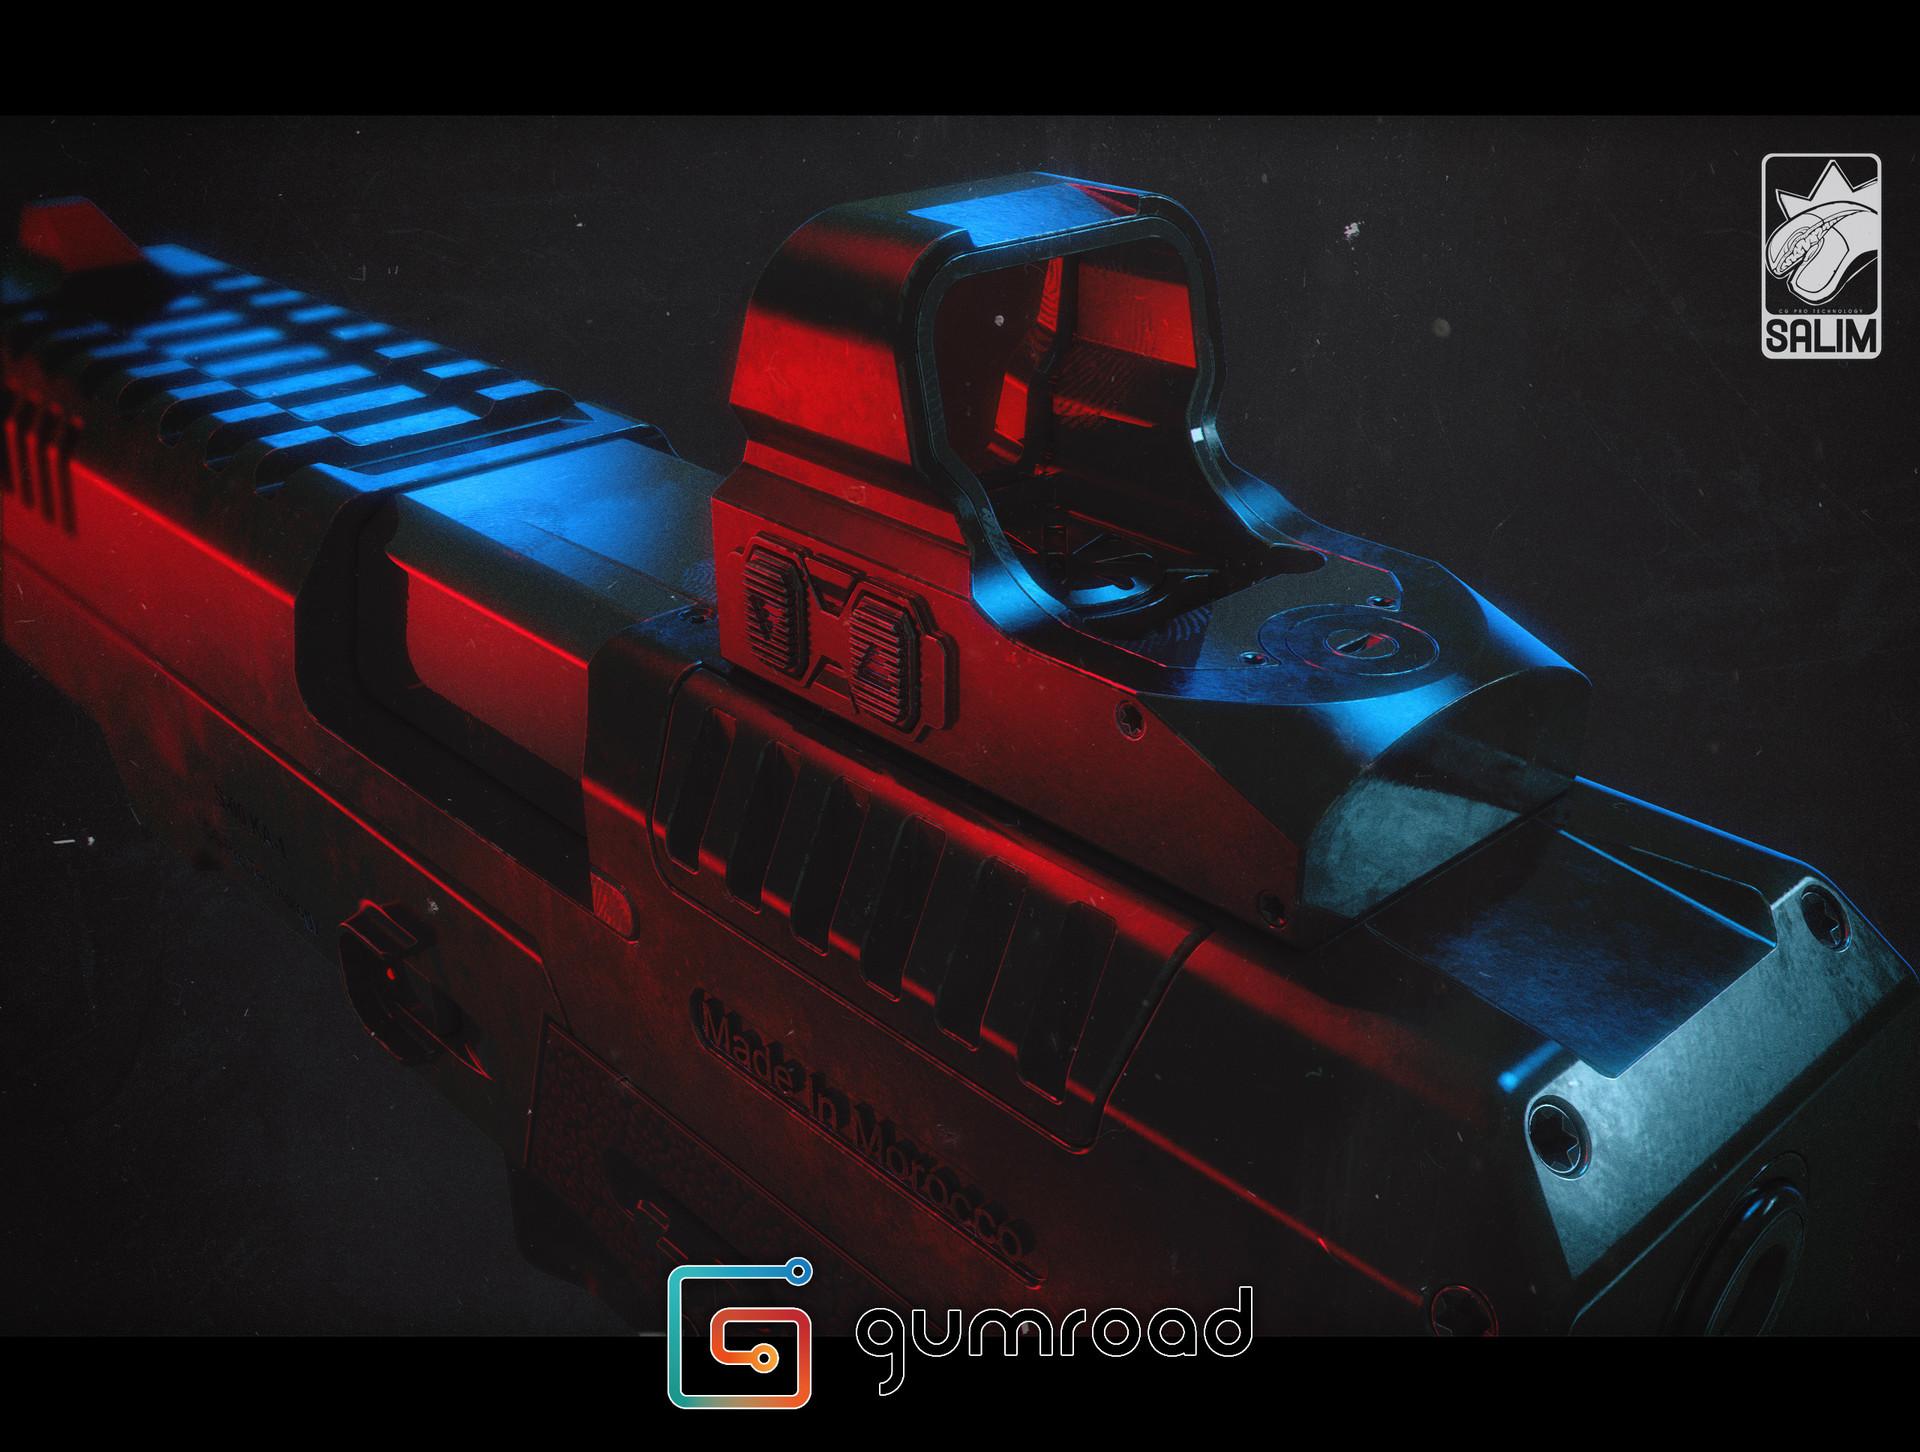 Ljabli salim gun render 01